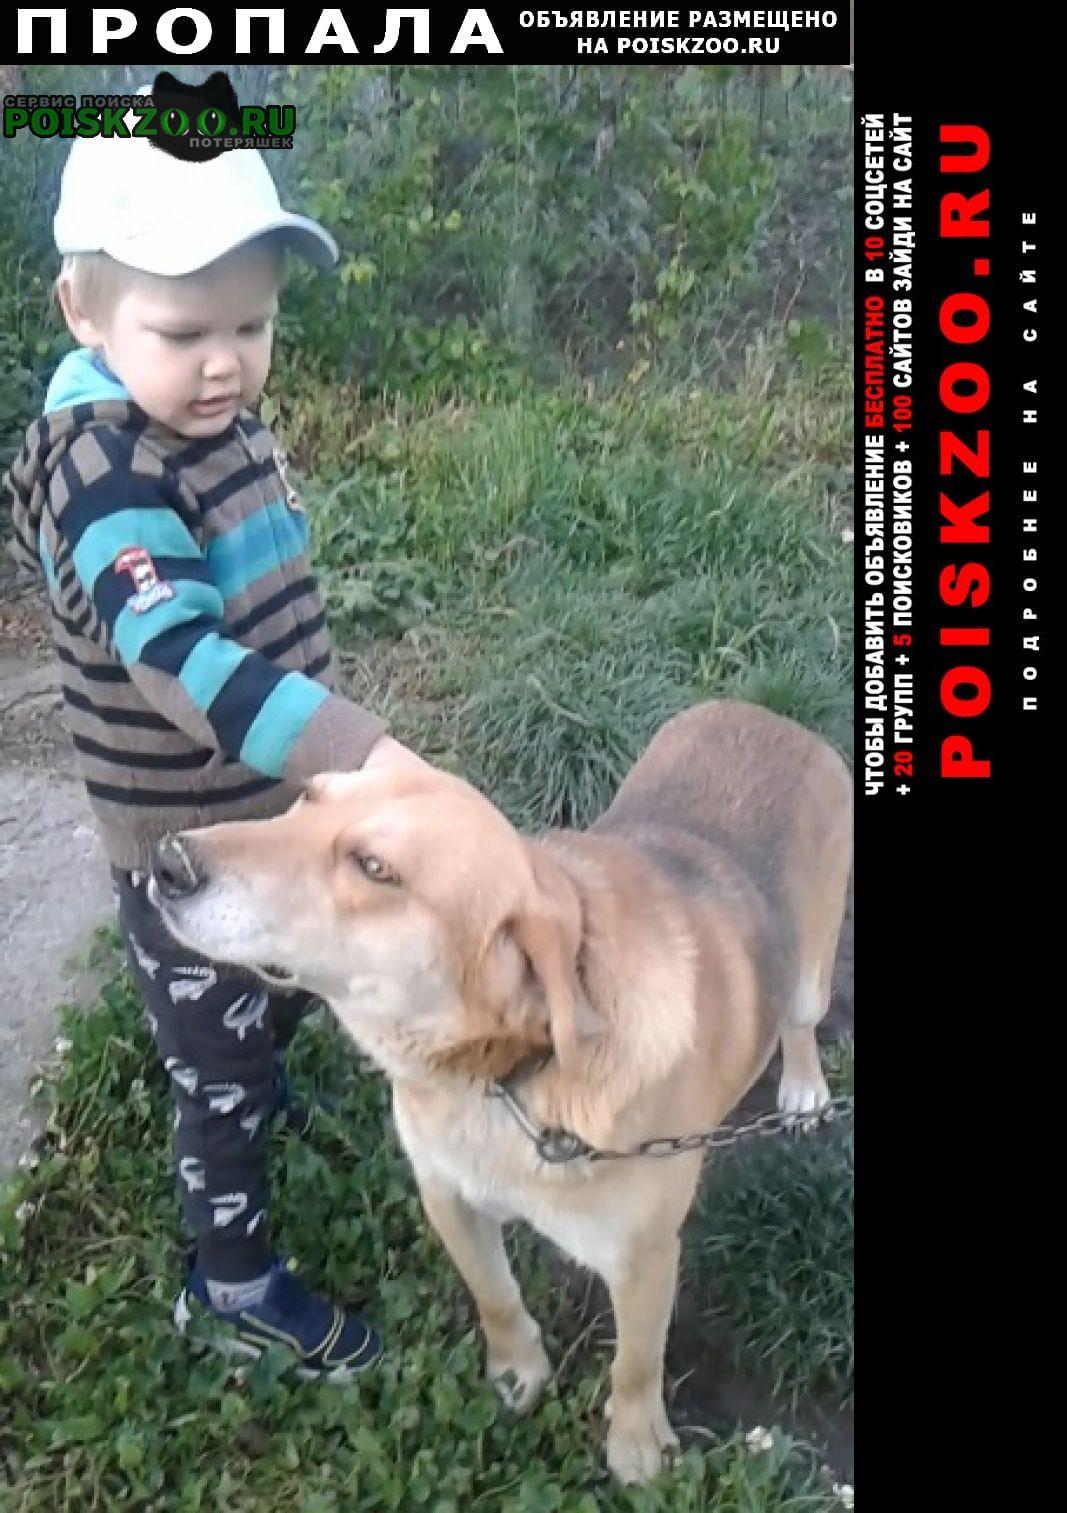 Пропала собака русская гончая (охотничья) Апшеронск